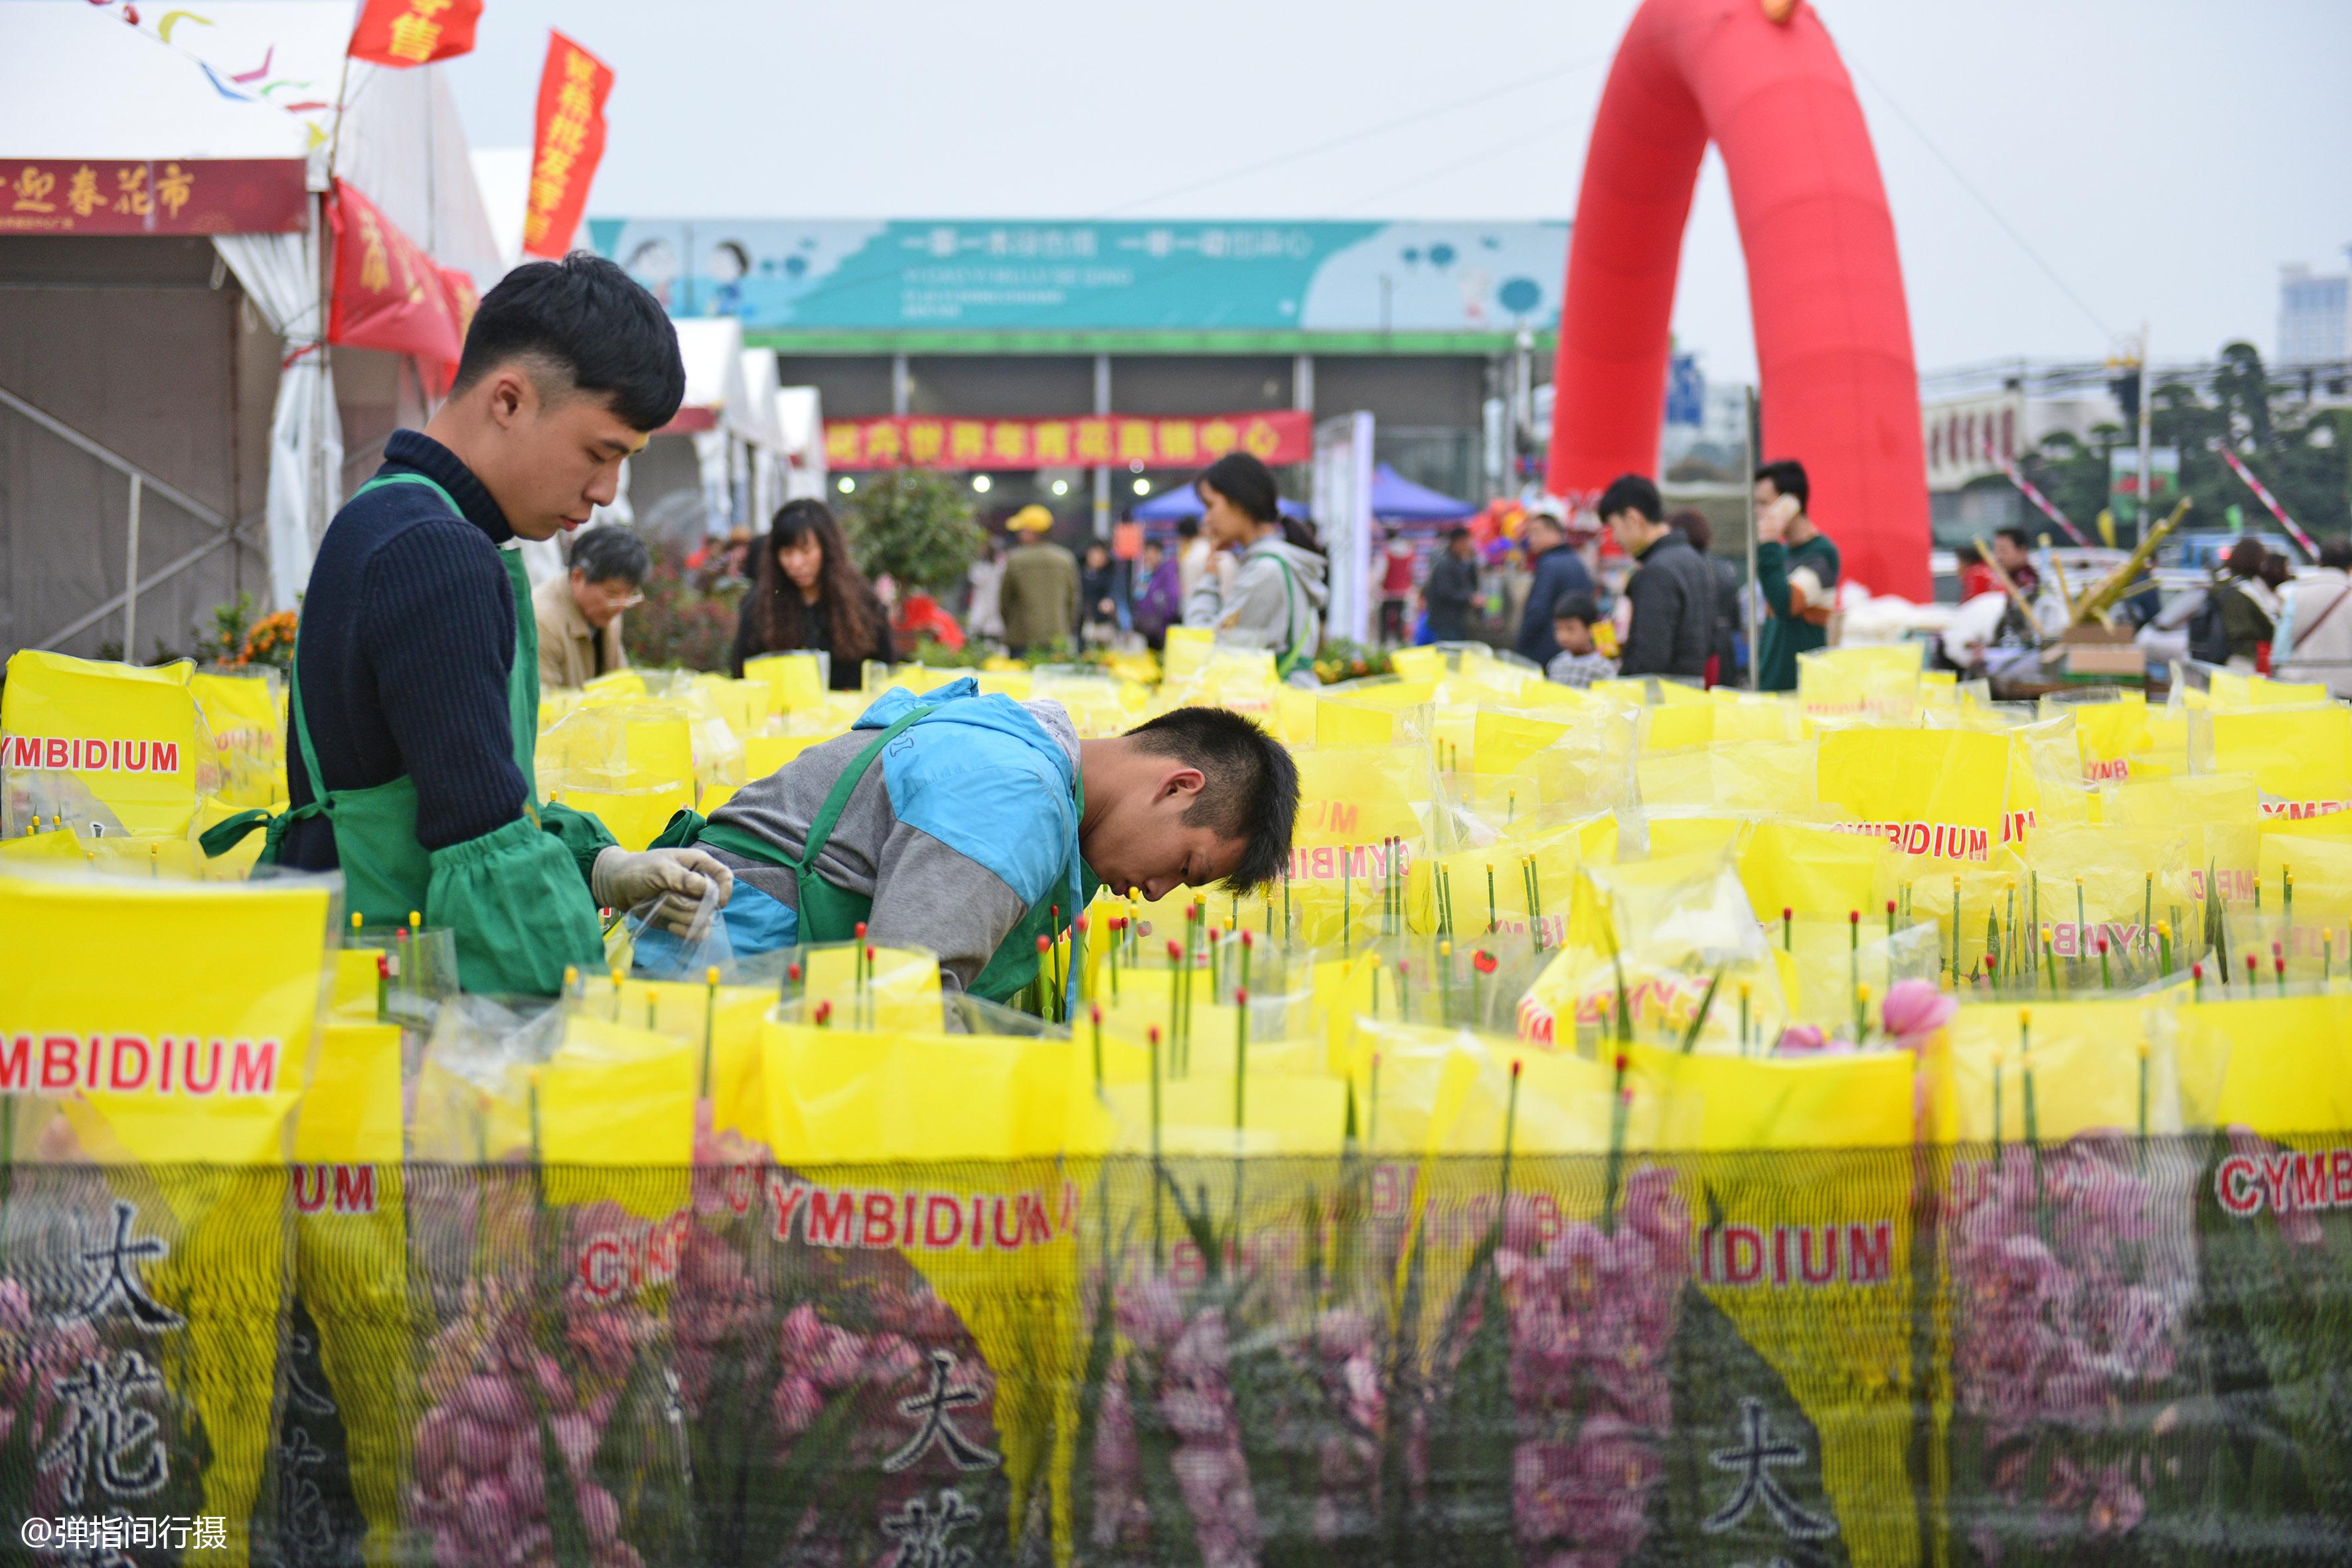 """<b>广东最美小镇全民种花,号称""""中国花卉第一镇"""",花卉产值达30亿</b>"""